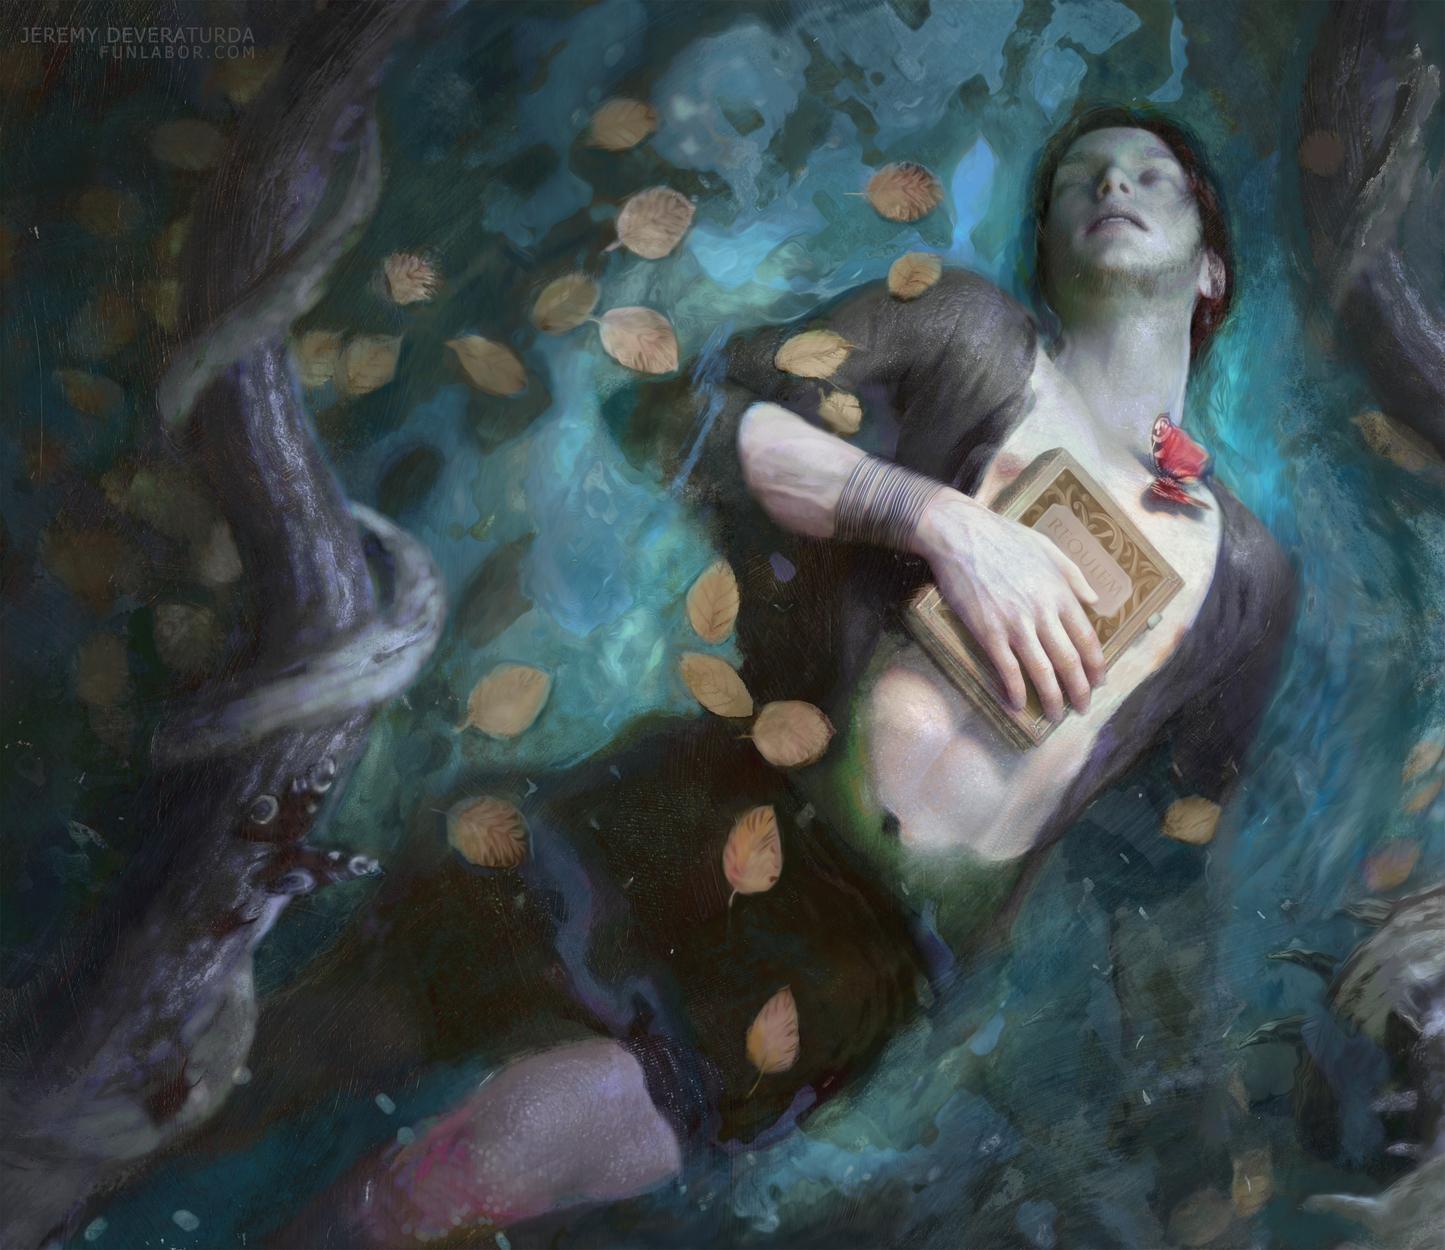 Requiem Artwork by Jeremy Deveraturda